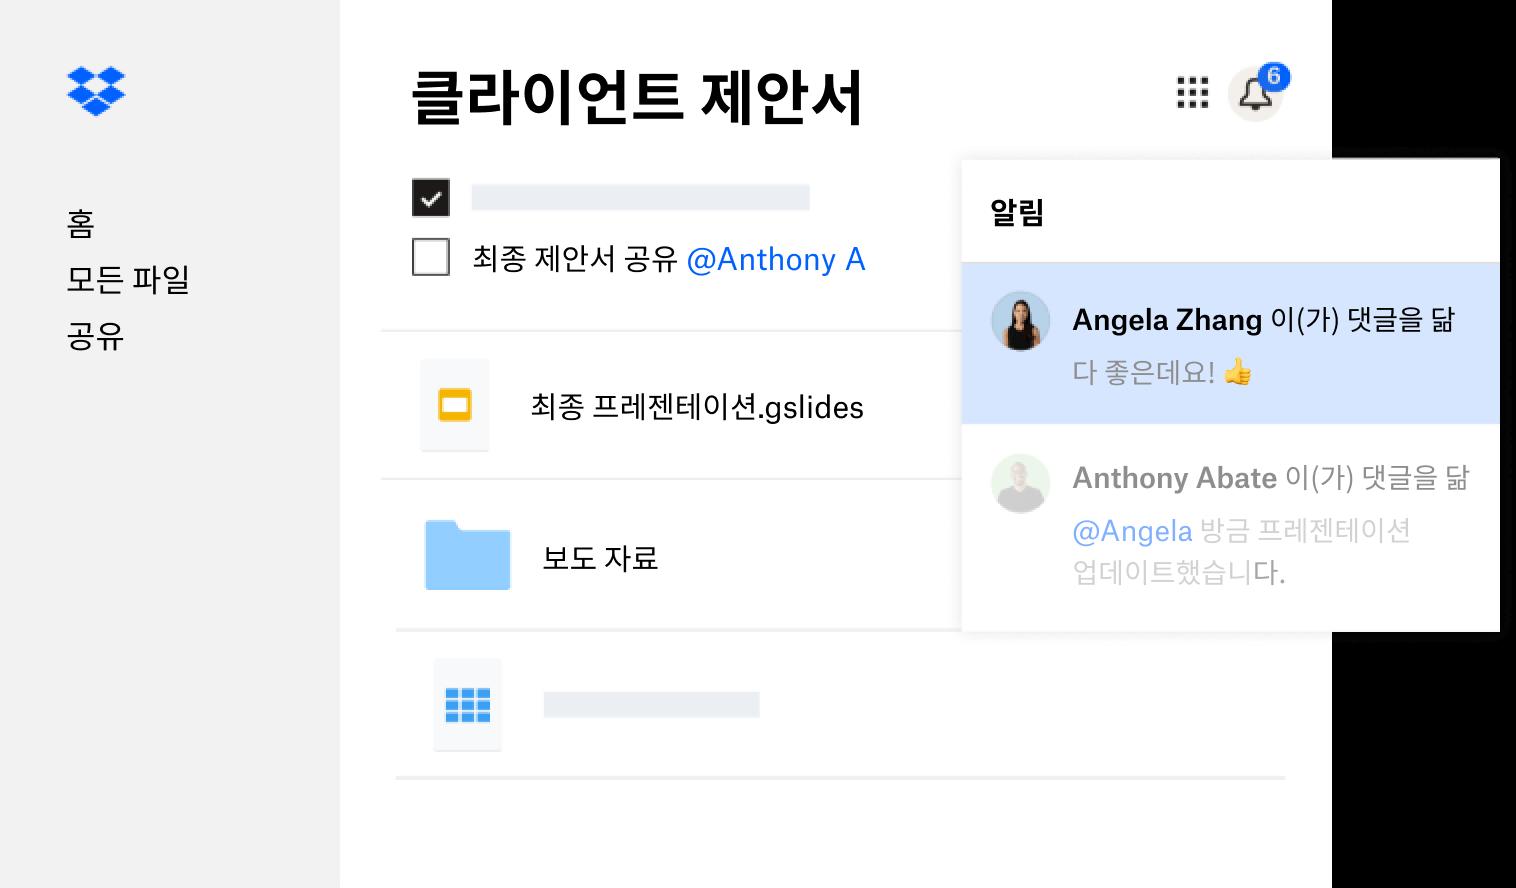 피드백을 남긴 여러 명의 사용자에게 Dropbox에서 만든 클라이언트 제안서 공유